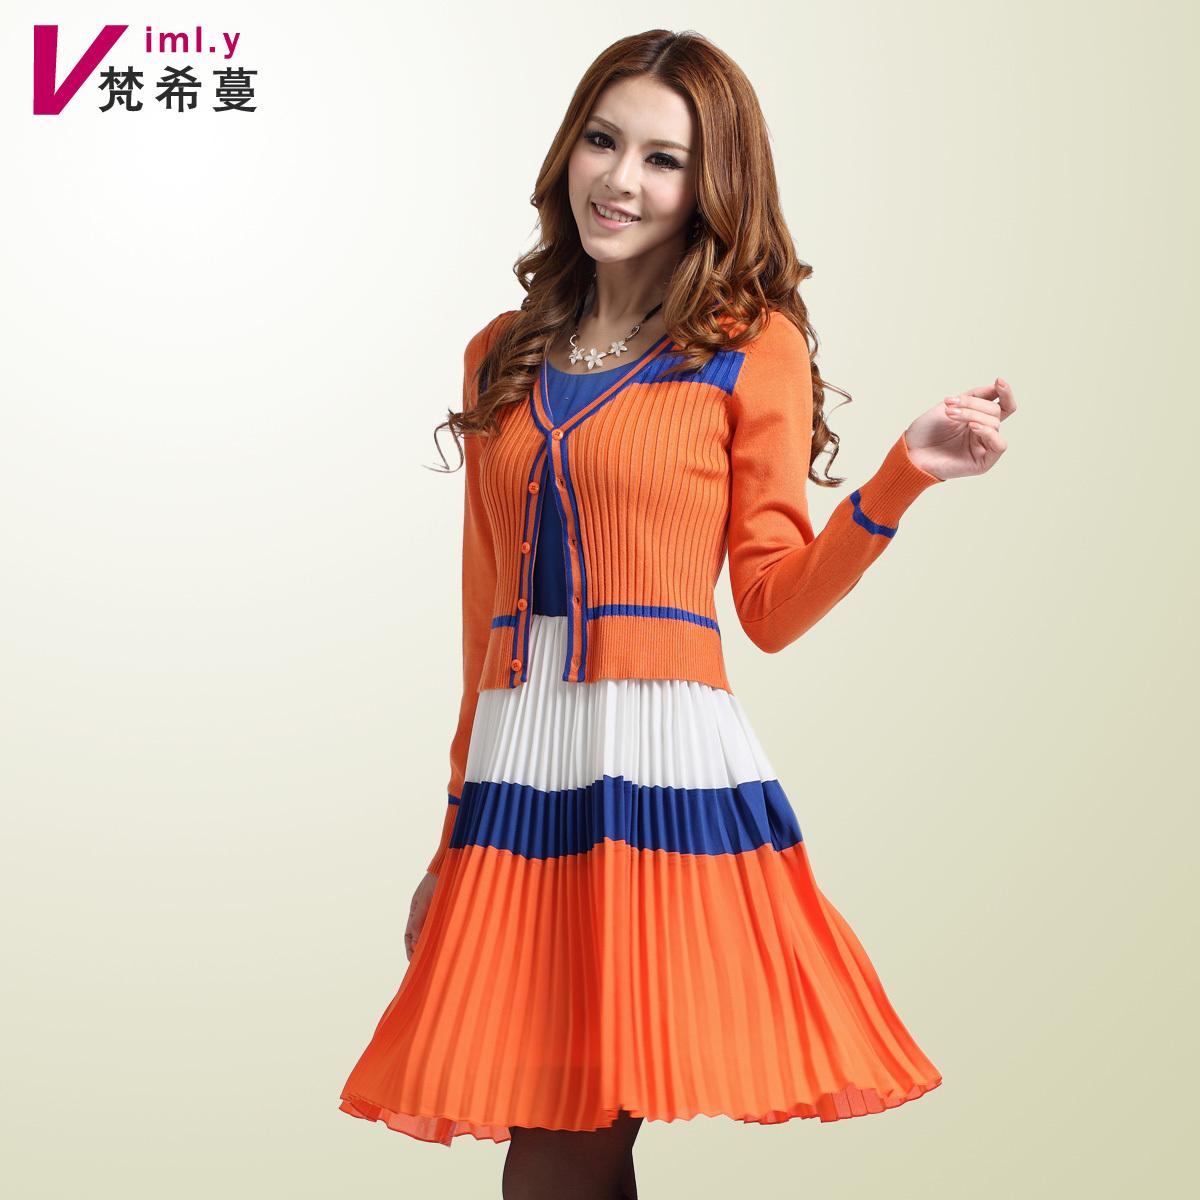 Женское платье Vimly 87753 2012 Осень 2012 Другое